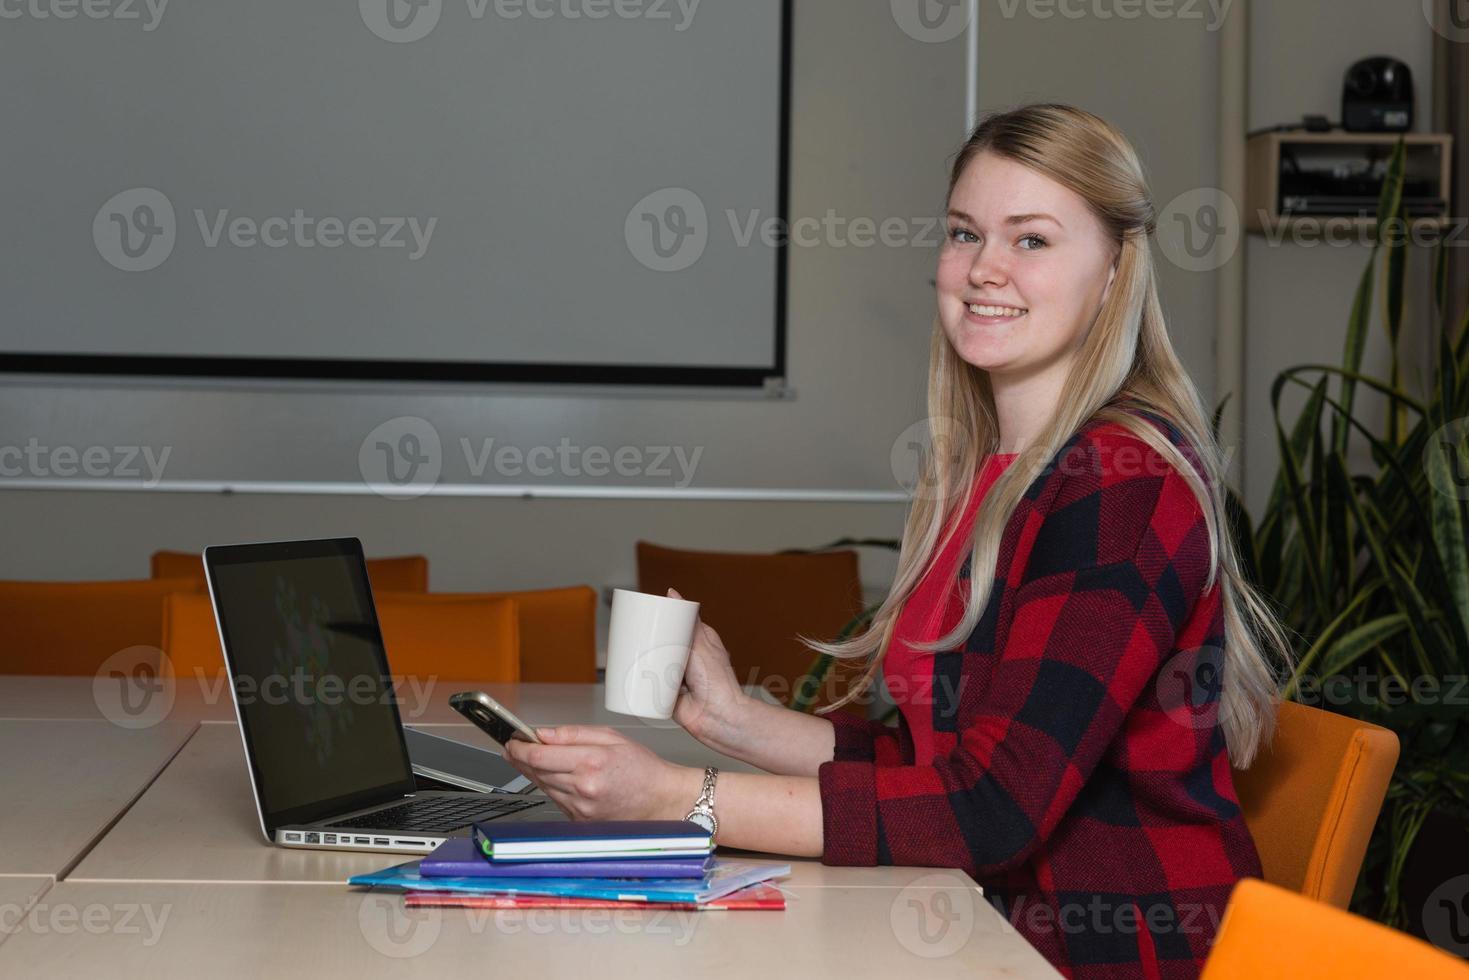 sonriente mujer rubia sentada en una computadora portátil bebiendo té y trabajando. foto